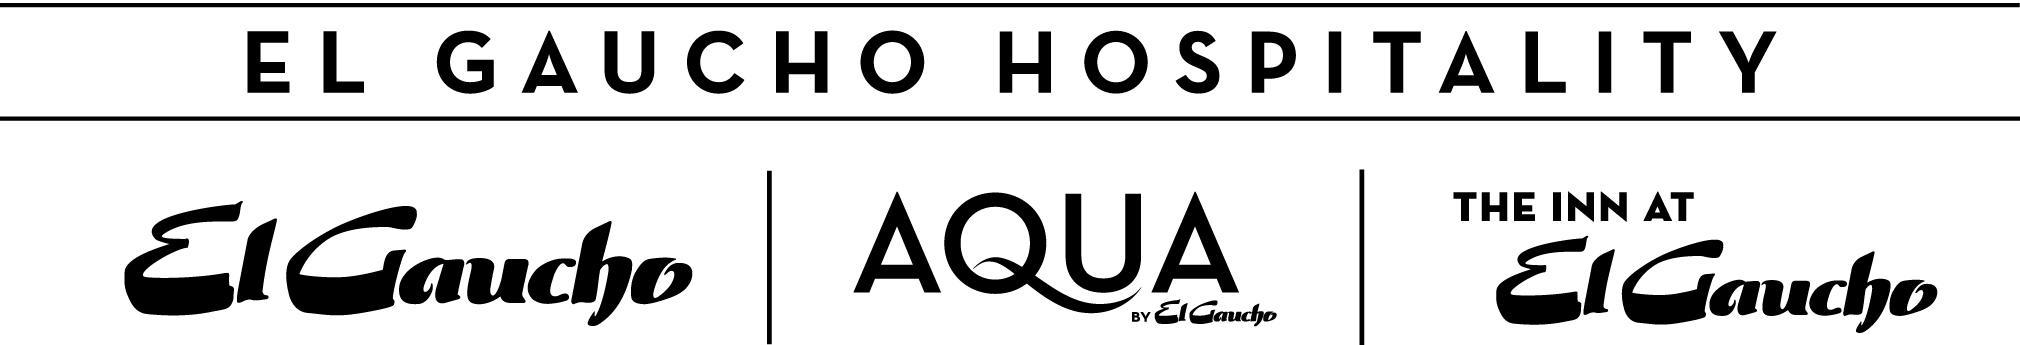 El Gaucho Hospitality